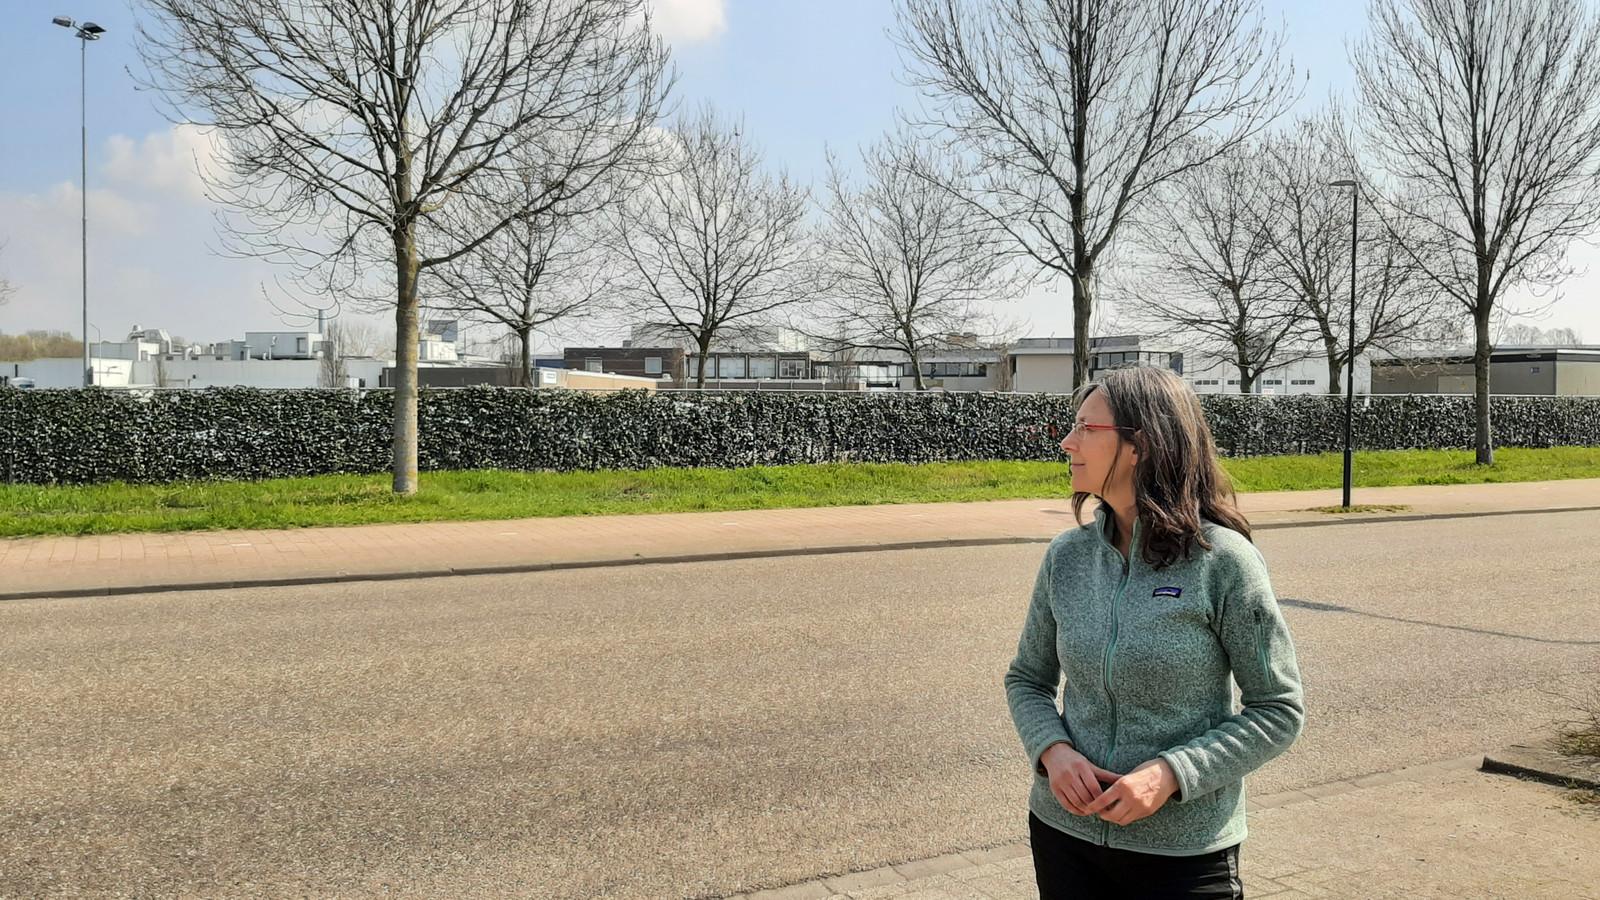 Mirjam Bemelmans voor de varkensslachterij van Vion op industrieterrein Ladonk in Boxtel.